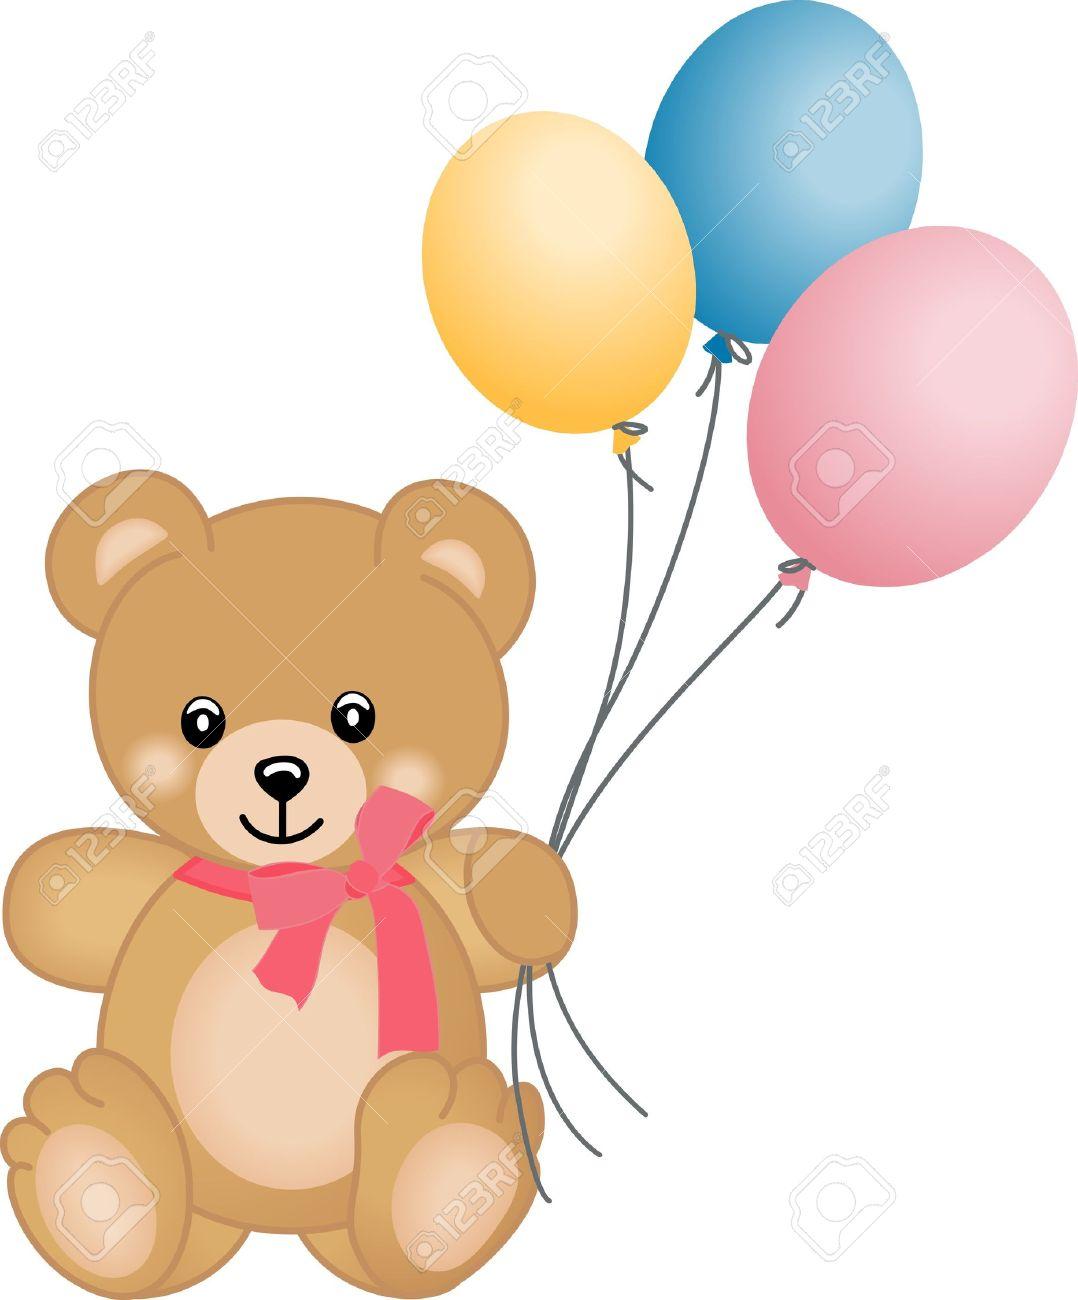 Cute teddy bear flying balloons.